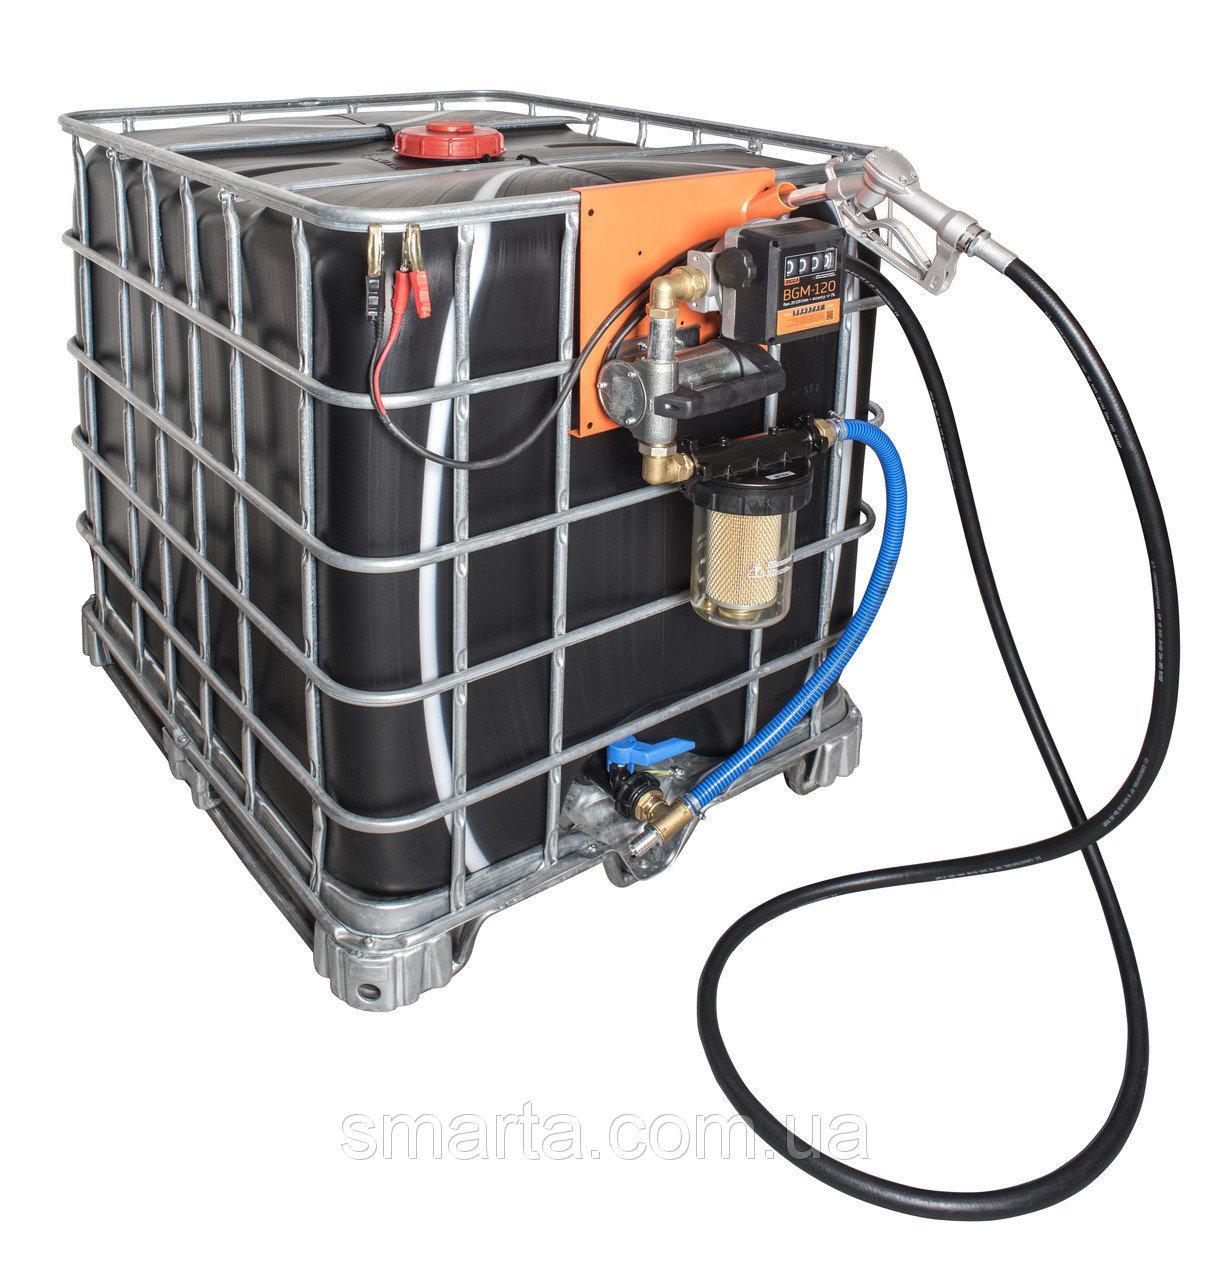 Мобільний паливний заправний модуль для ДТ на базі єврокуба, 1000 литров, 12 вольт